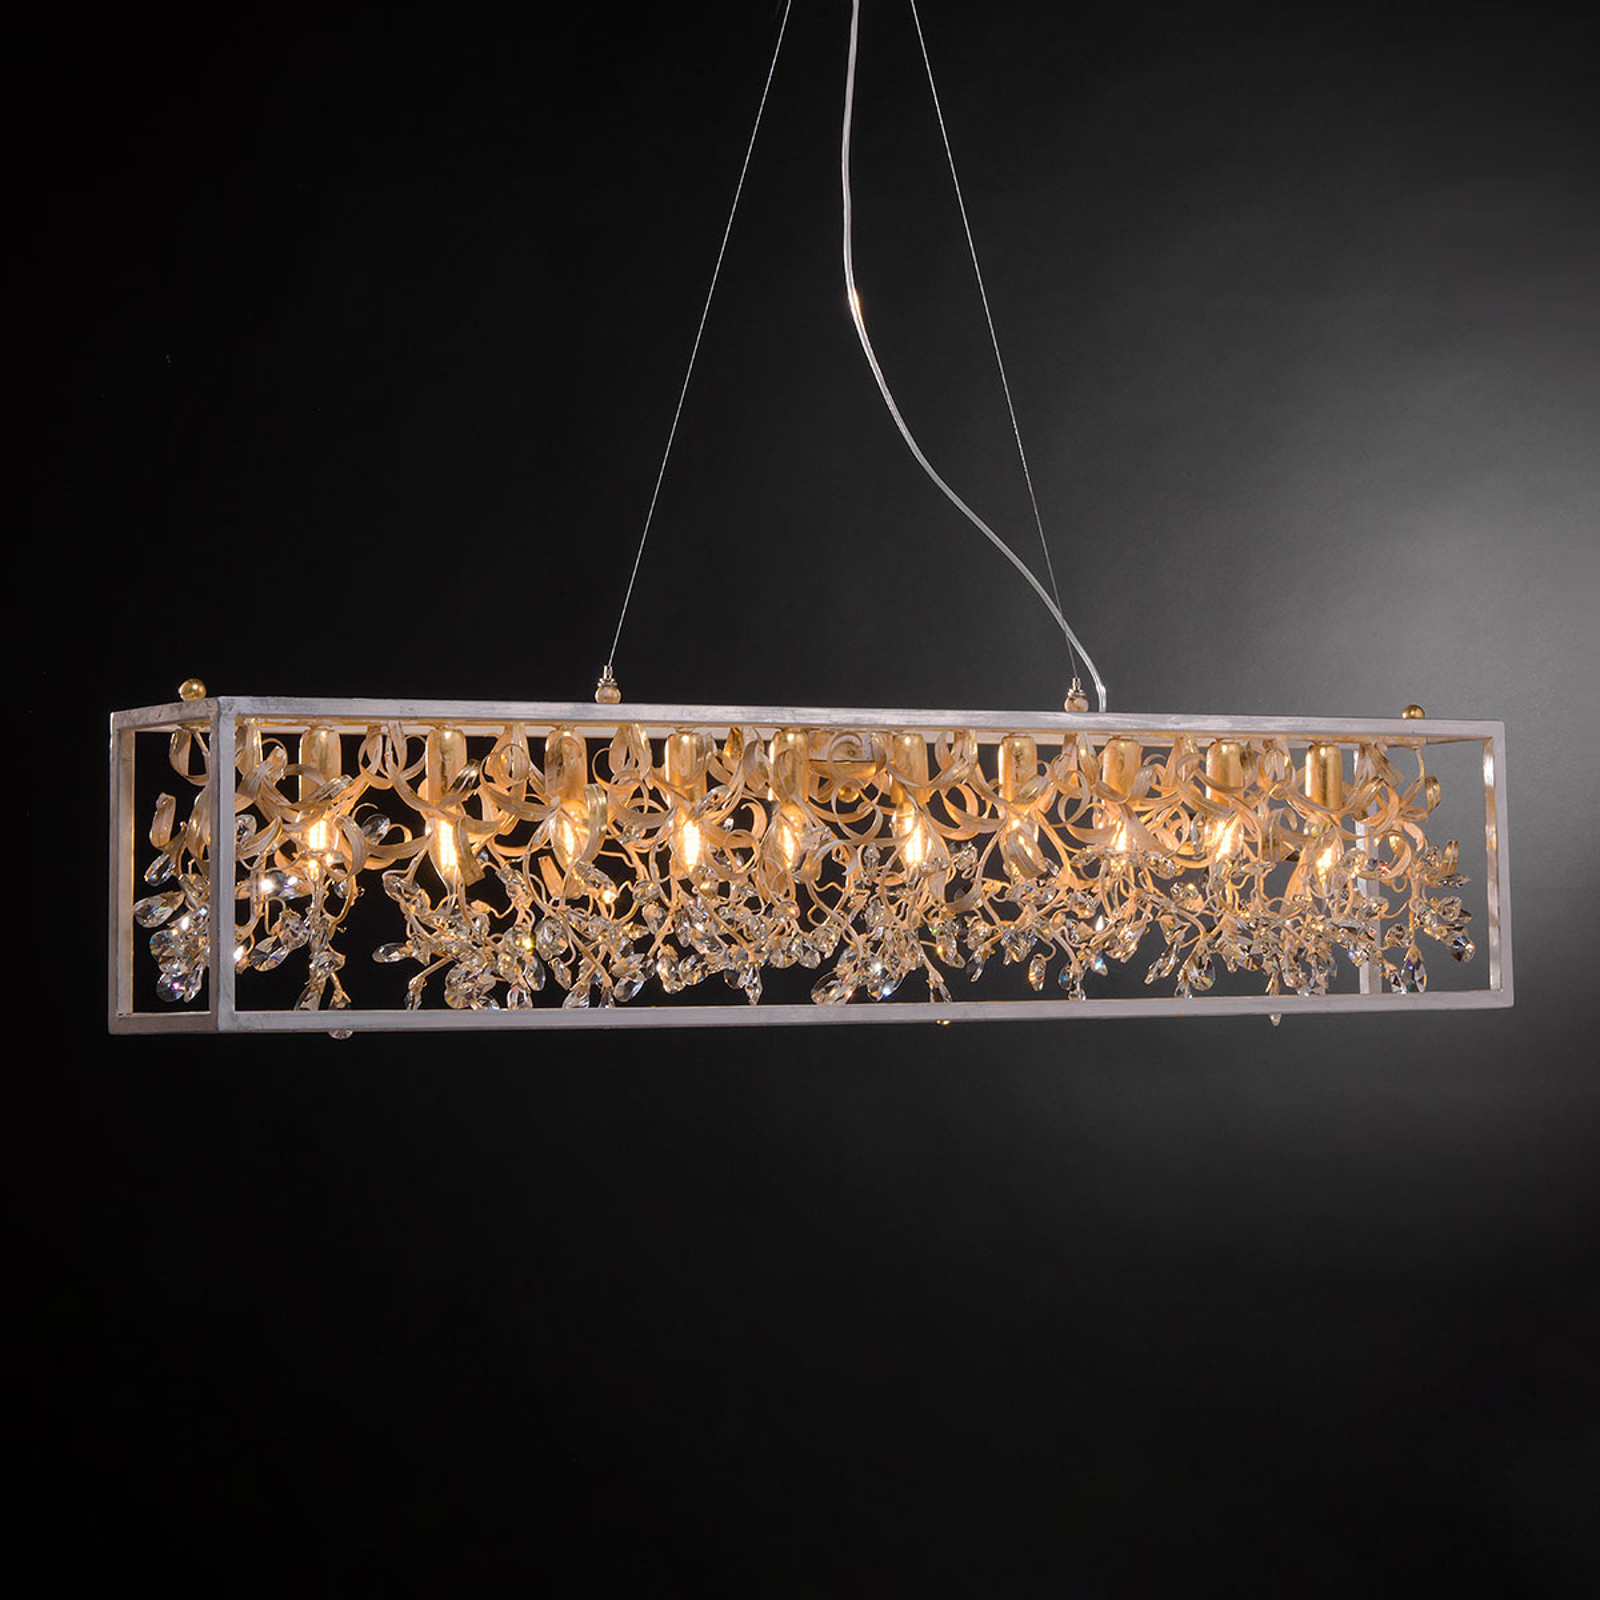 Hanglamp 3333/10 S, 10-lamps met kristallen